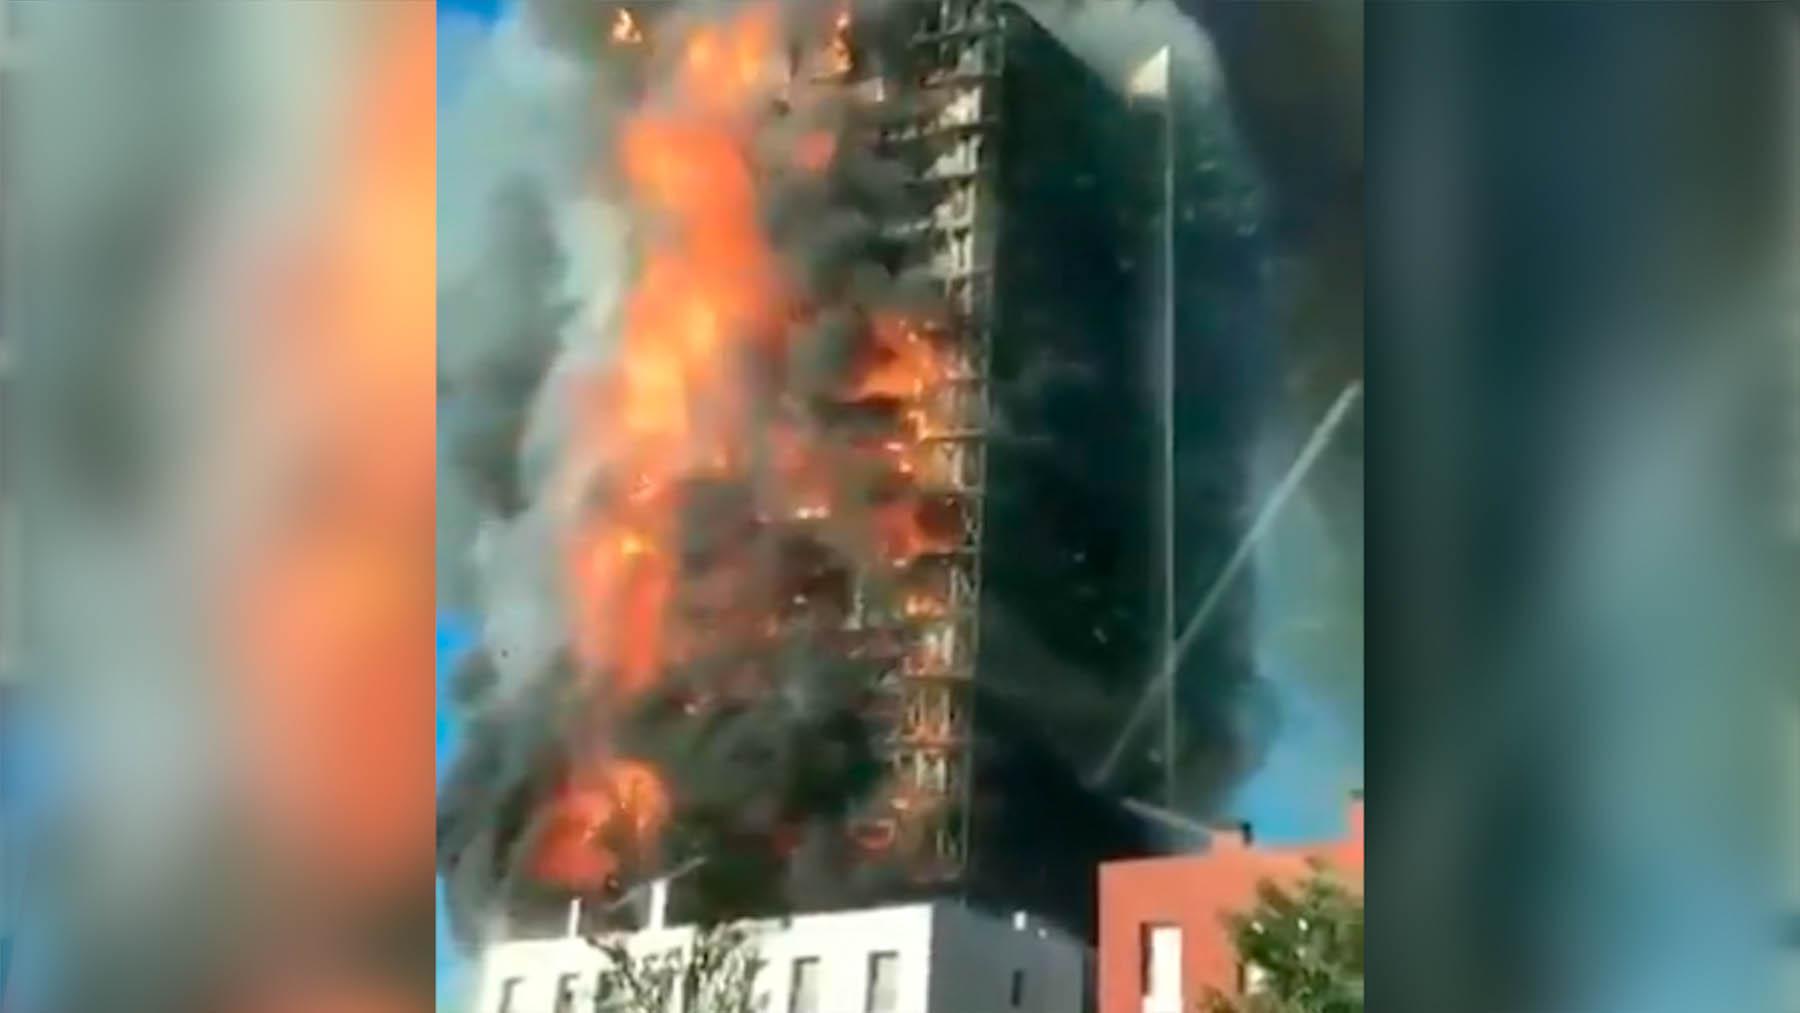 Espectacular incendio en un edificio de 20 plantas en Milán.